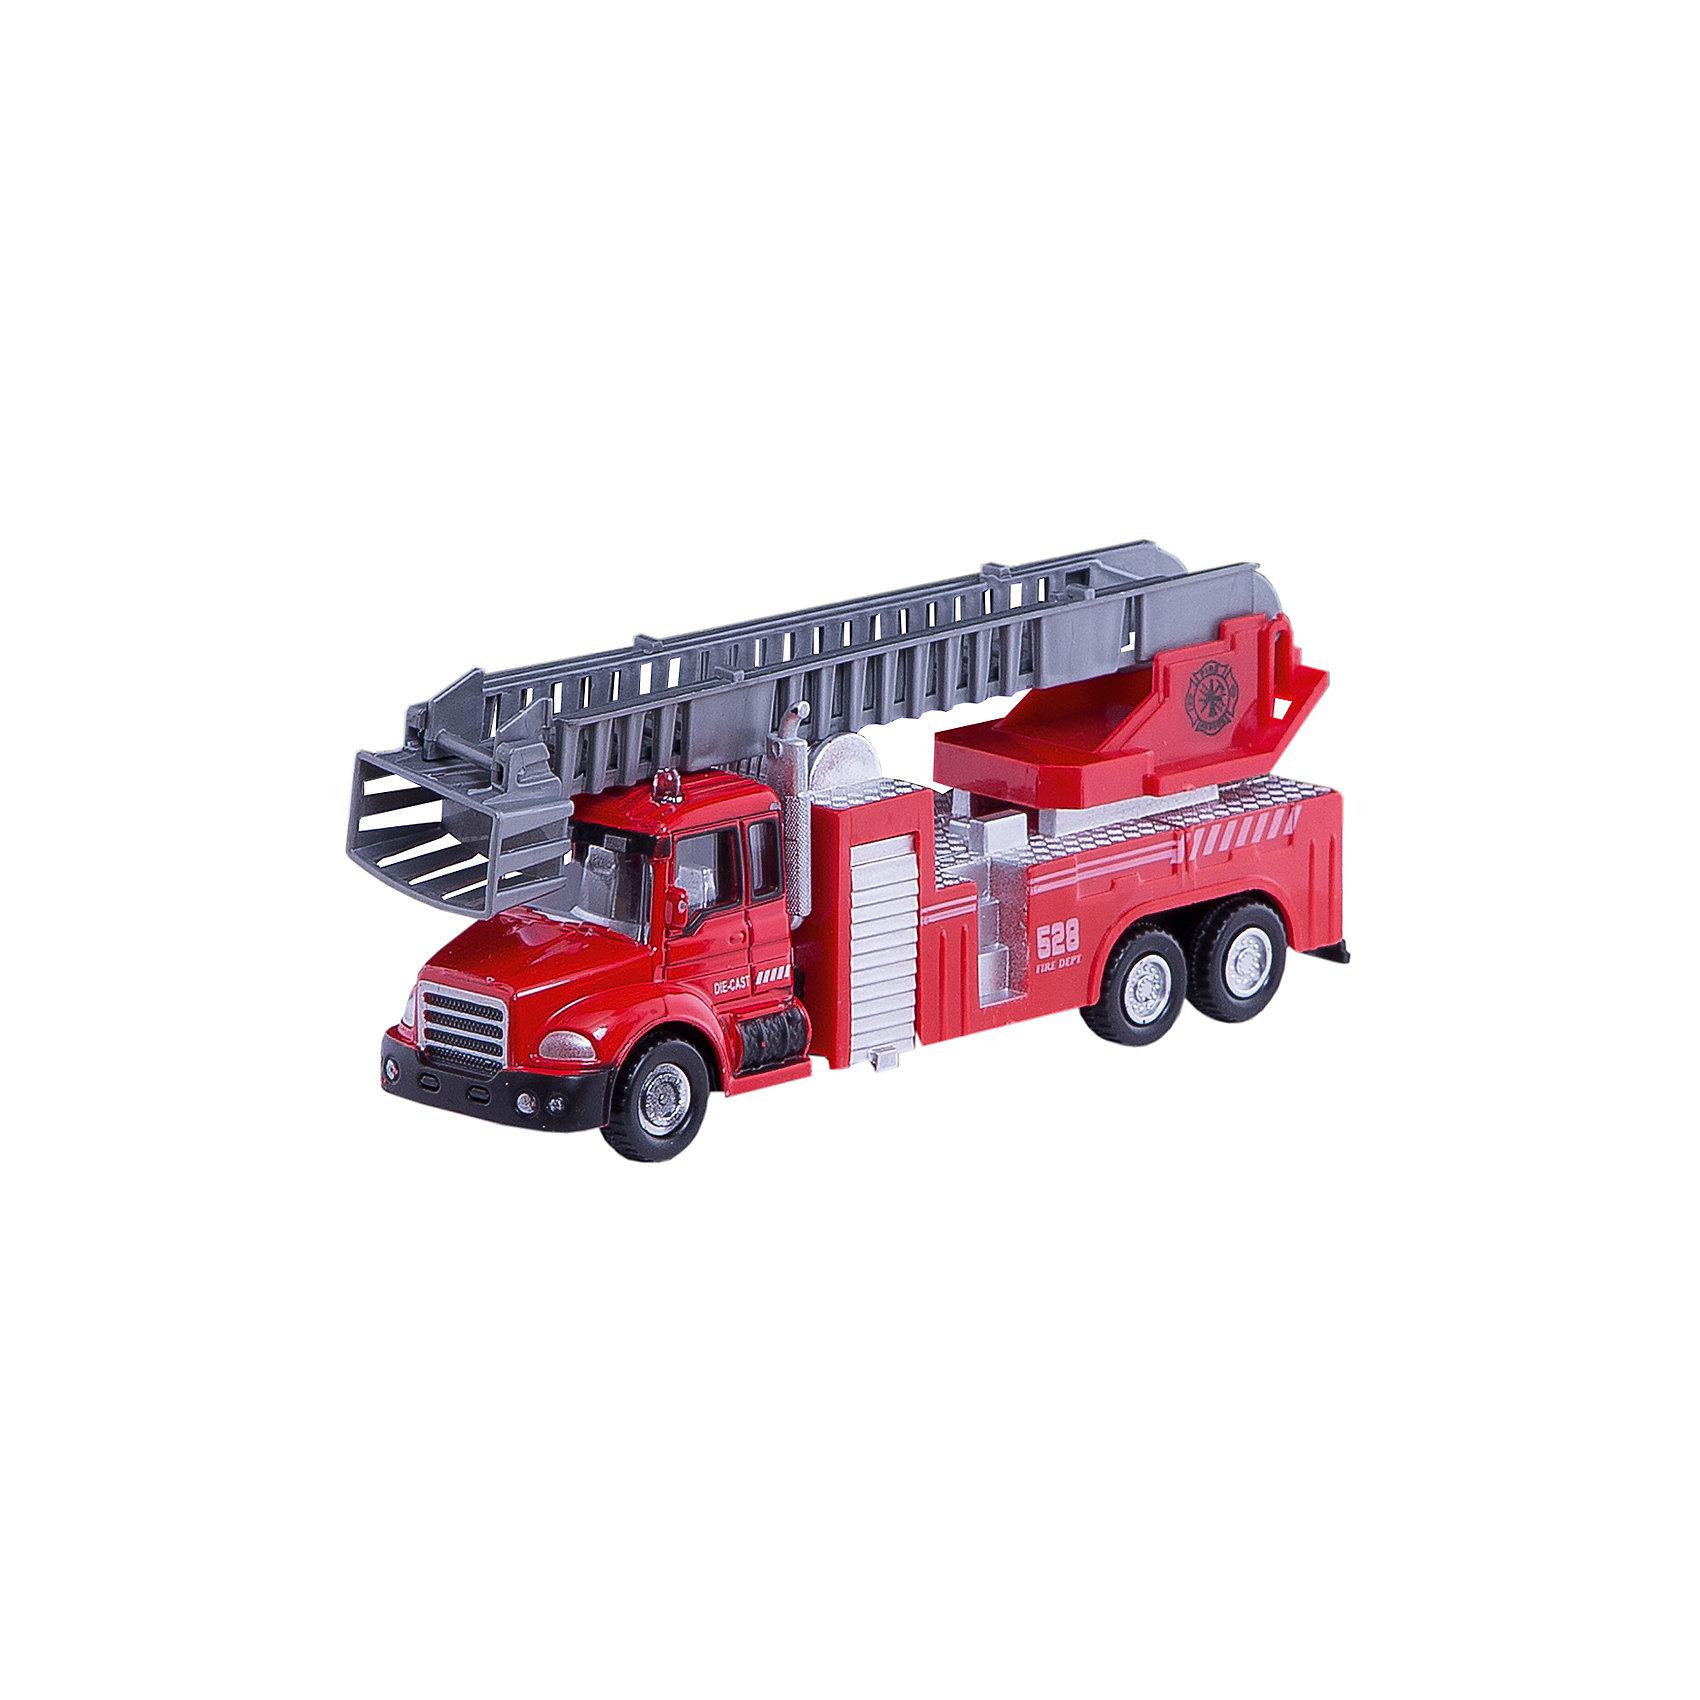 Машинка Fire Liquidator Truck пожарная, с лестницей 1:48, AutotimeМашинки<br><br><br>Ширина мм: 165<br>Глубина мм: 57<br>Высота мм: 75<br>Вес г: 13<br>Возраст от месяцев: 36<br>Возраст до месяцев: 2147483647<br>Пол: Мужской<br>Возраст: Детский<br>SKU: 5584050